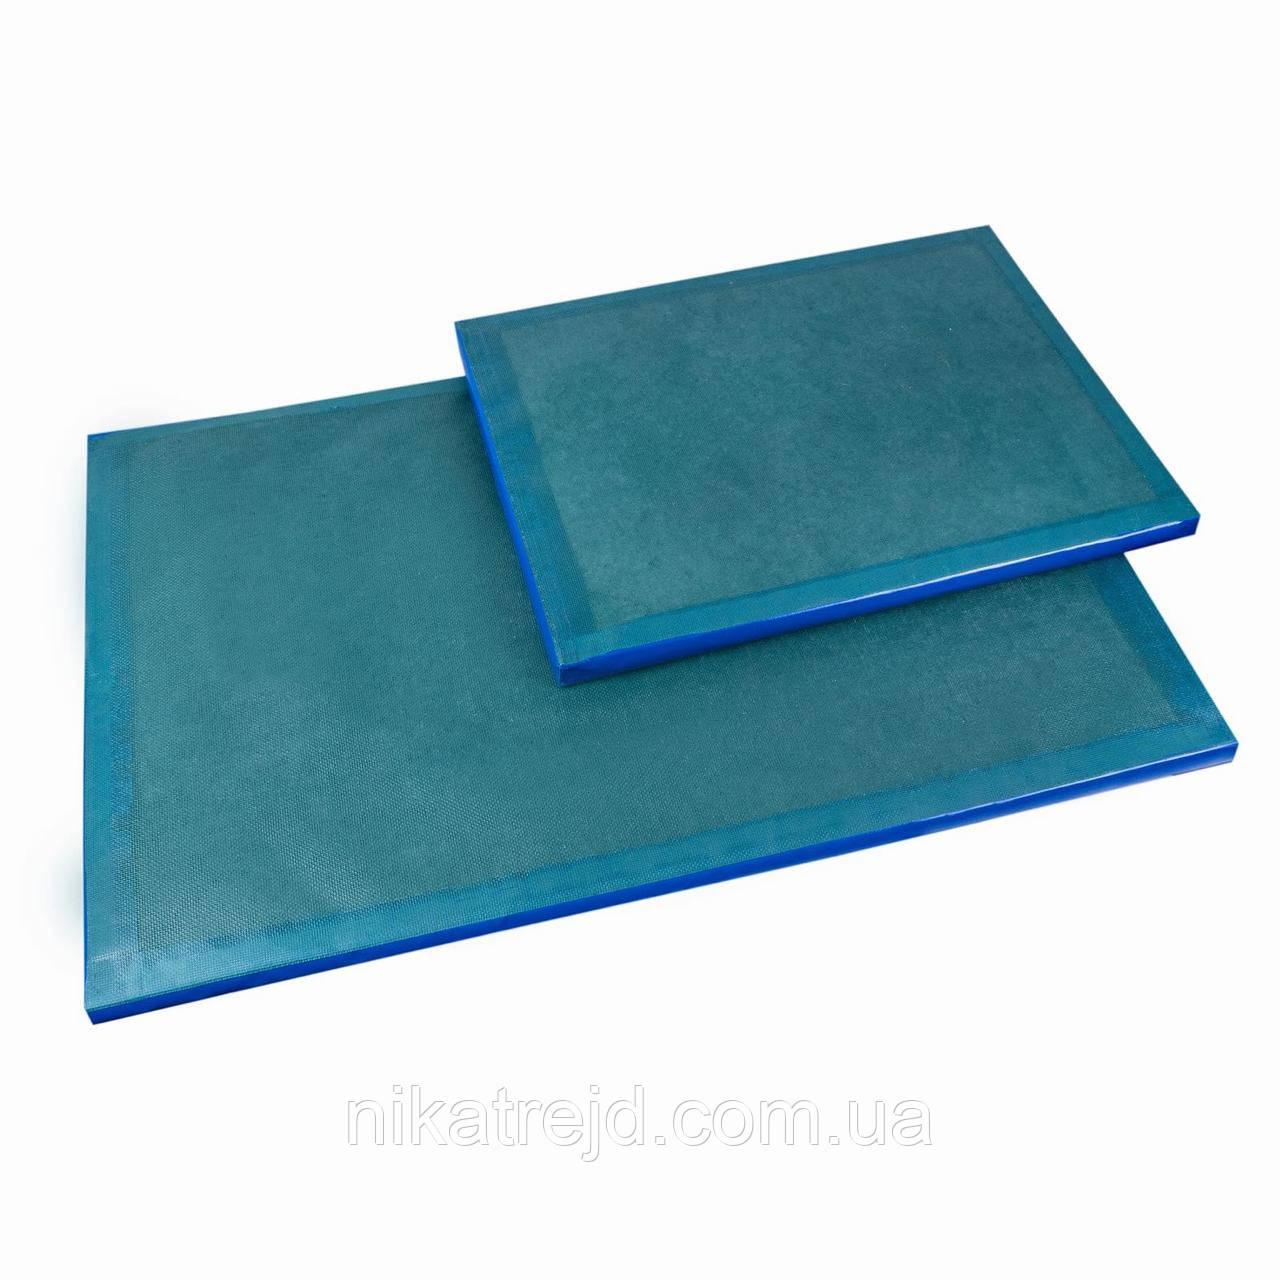 Медичний дезенфекційний килимок 100х200х1,5см